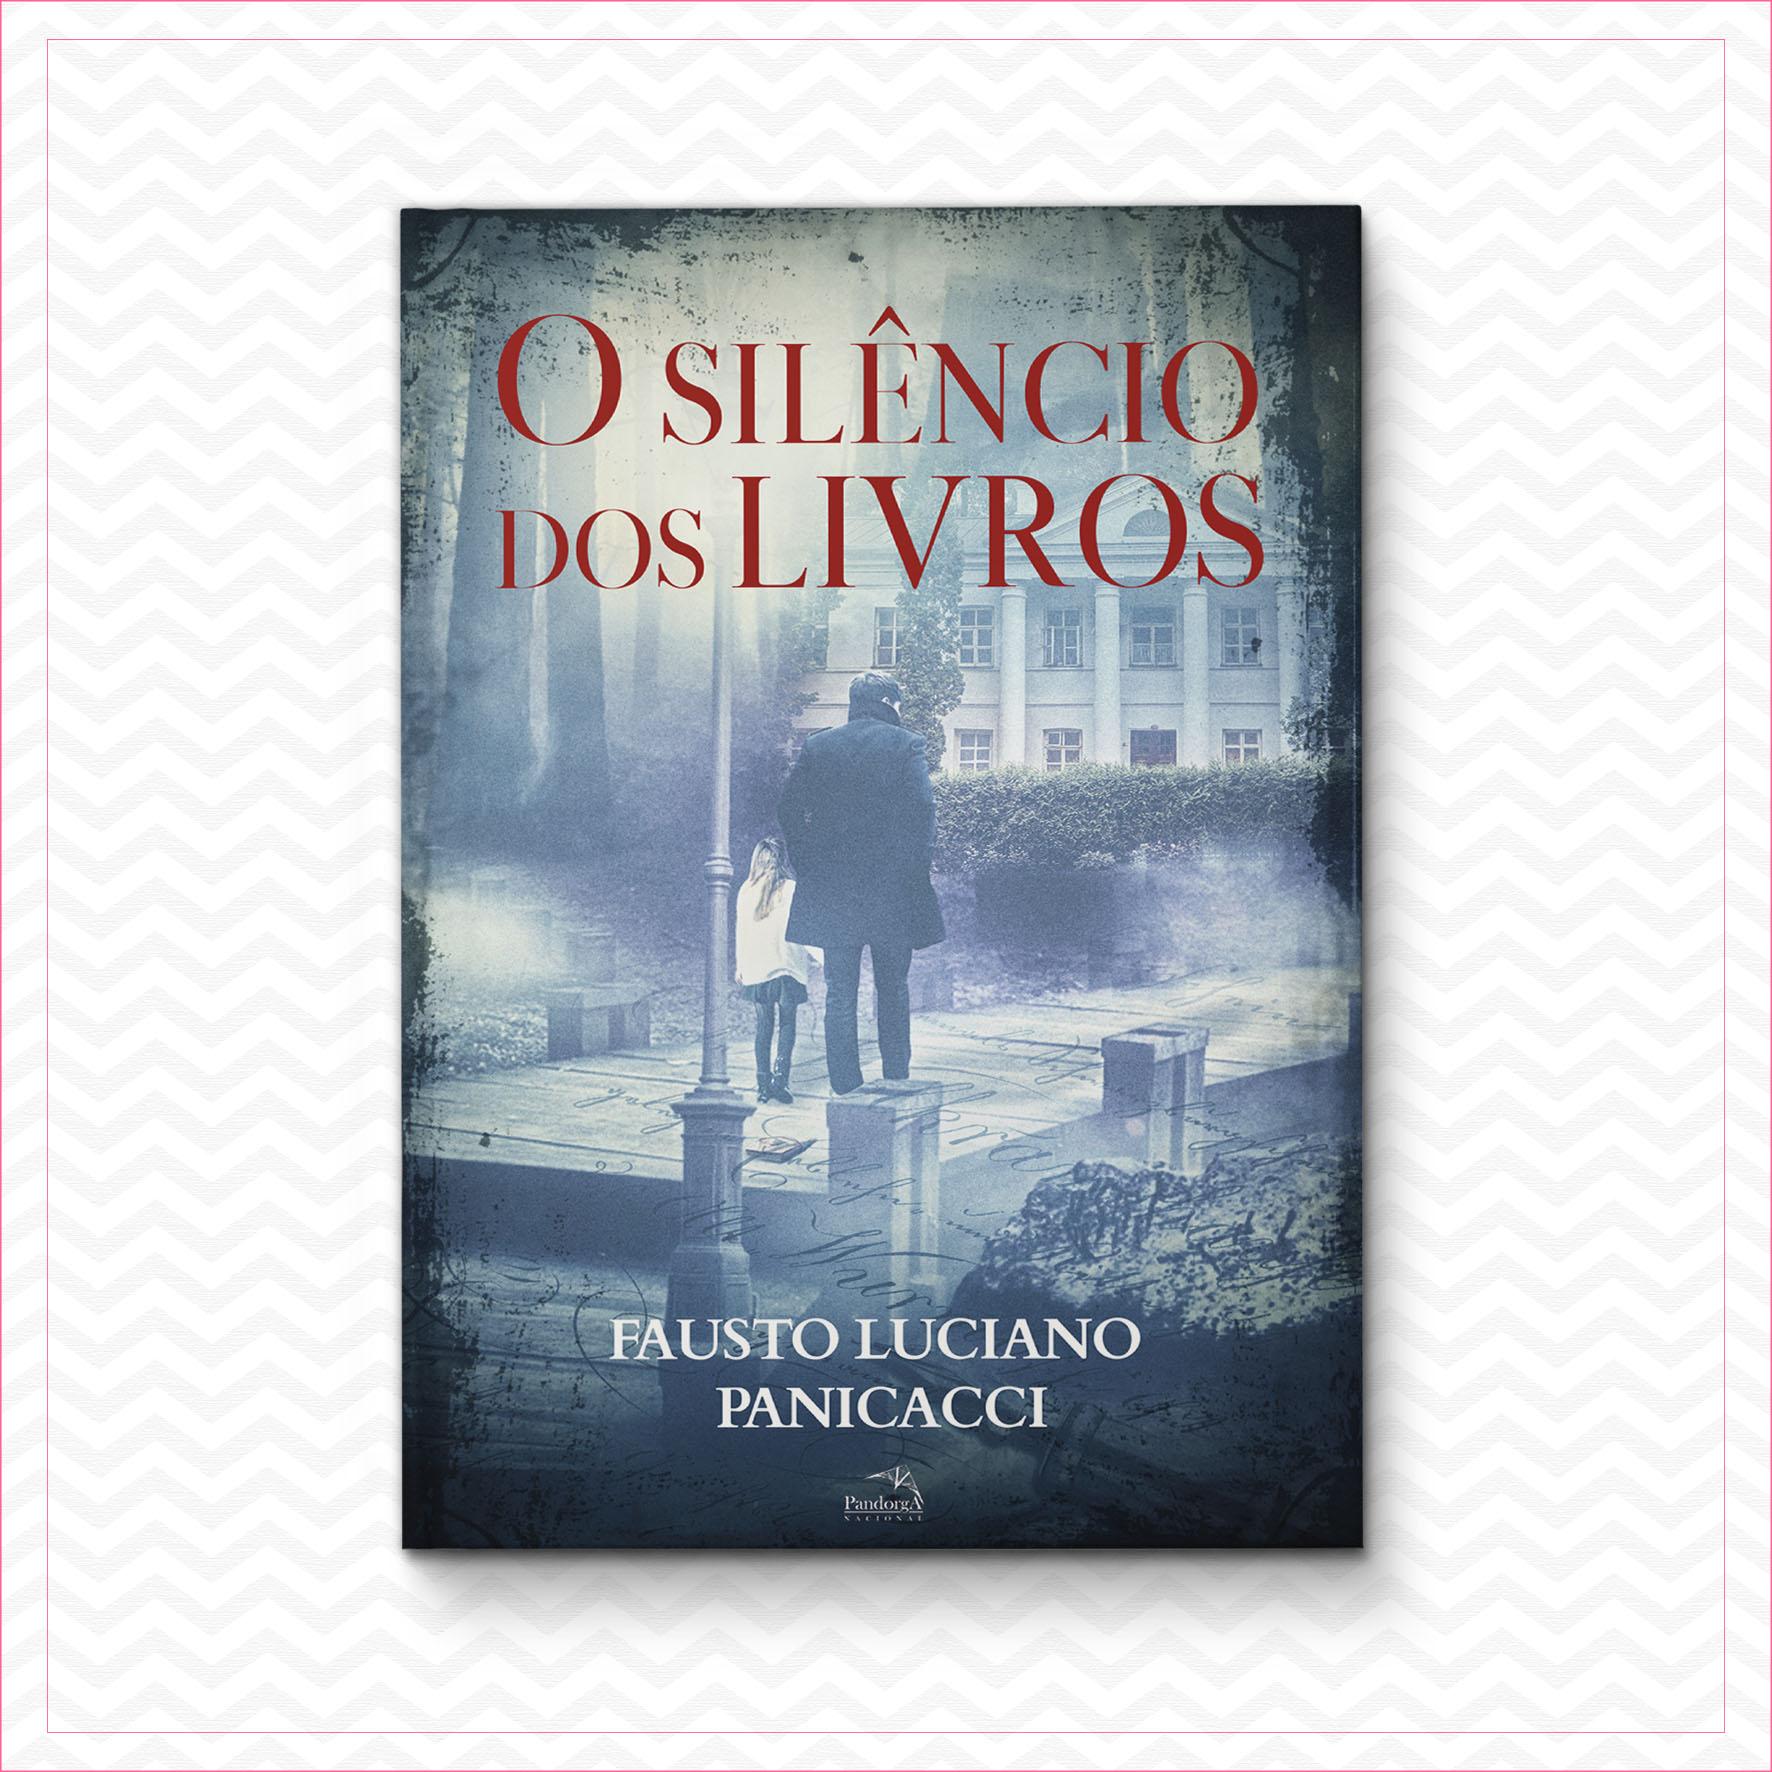 O silêncio dos livros – Fausto Luciano Panicacci